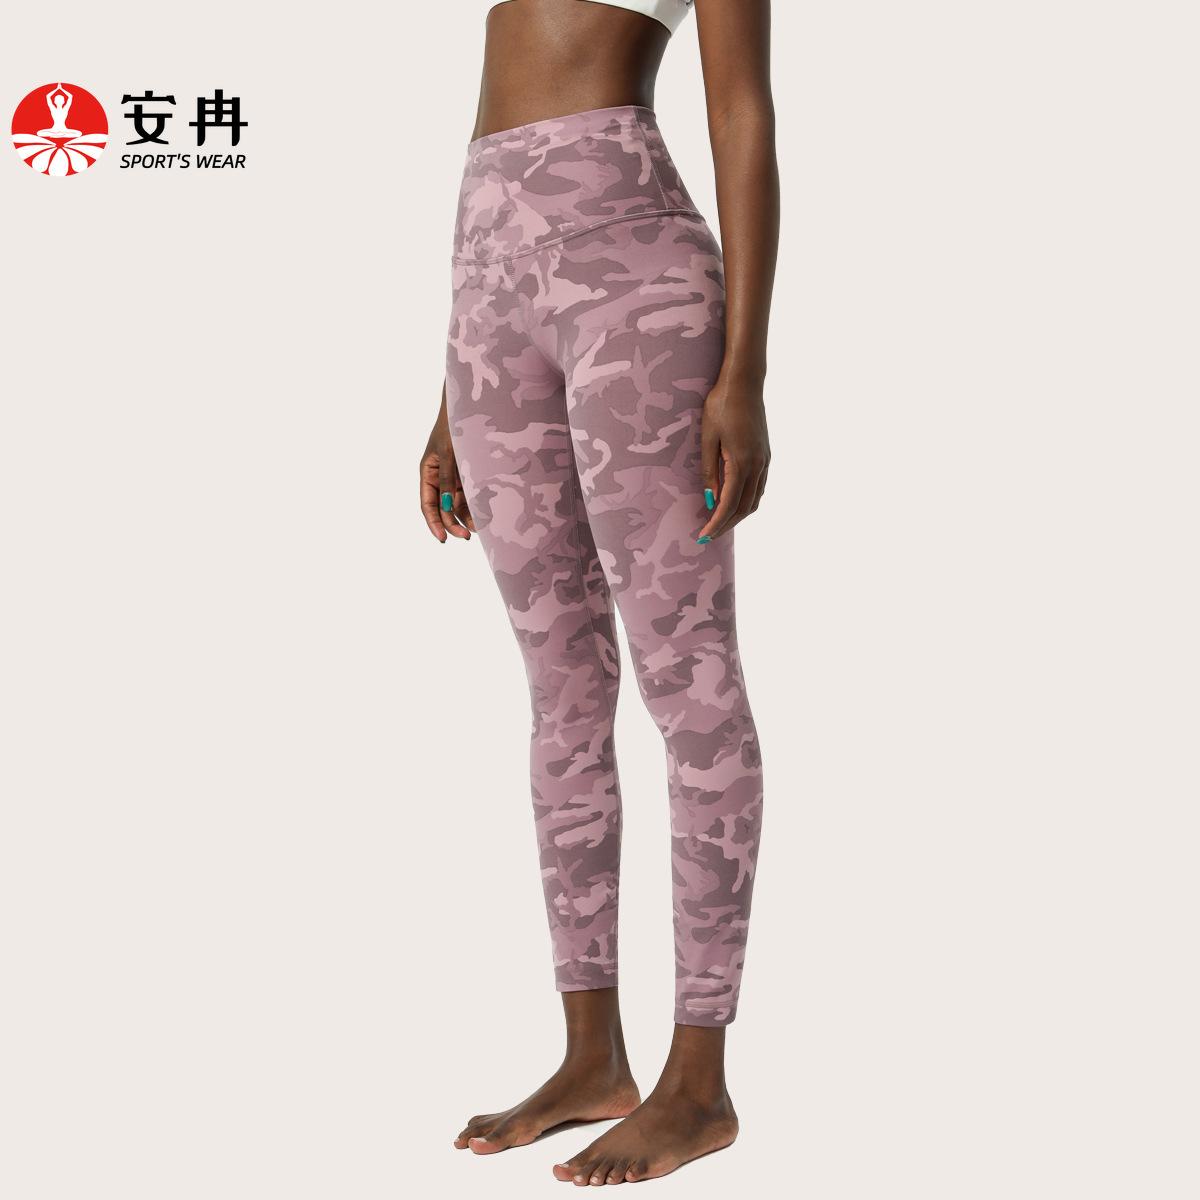 【安冉】運動長褲 雙面裸感運動褲 迷彩瑜伽褲女 印花瑜伽九分褲 高腰提臀健身褲